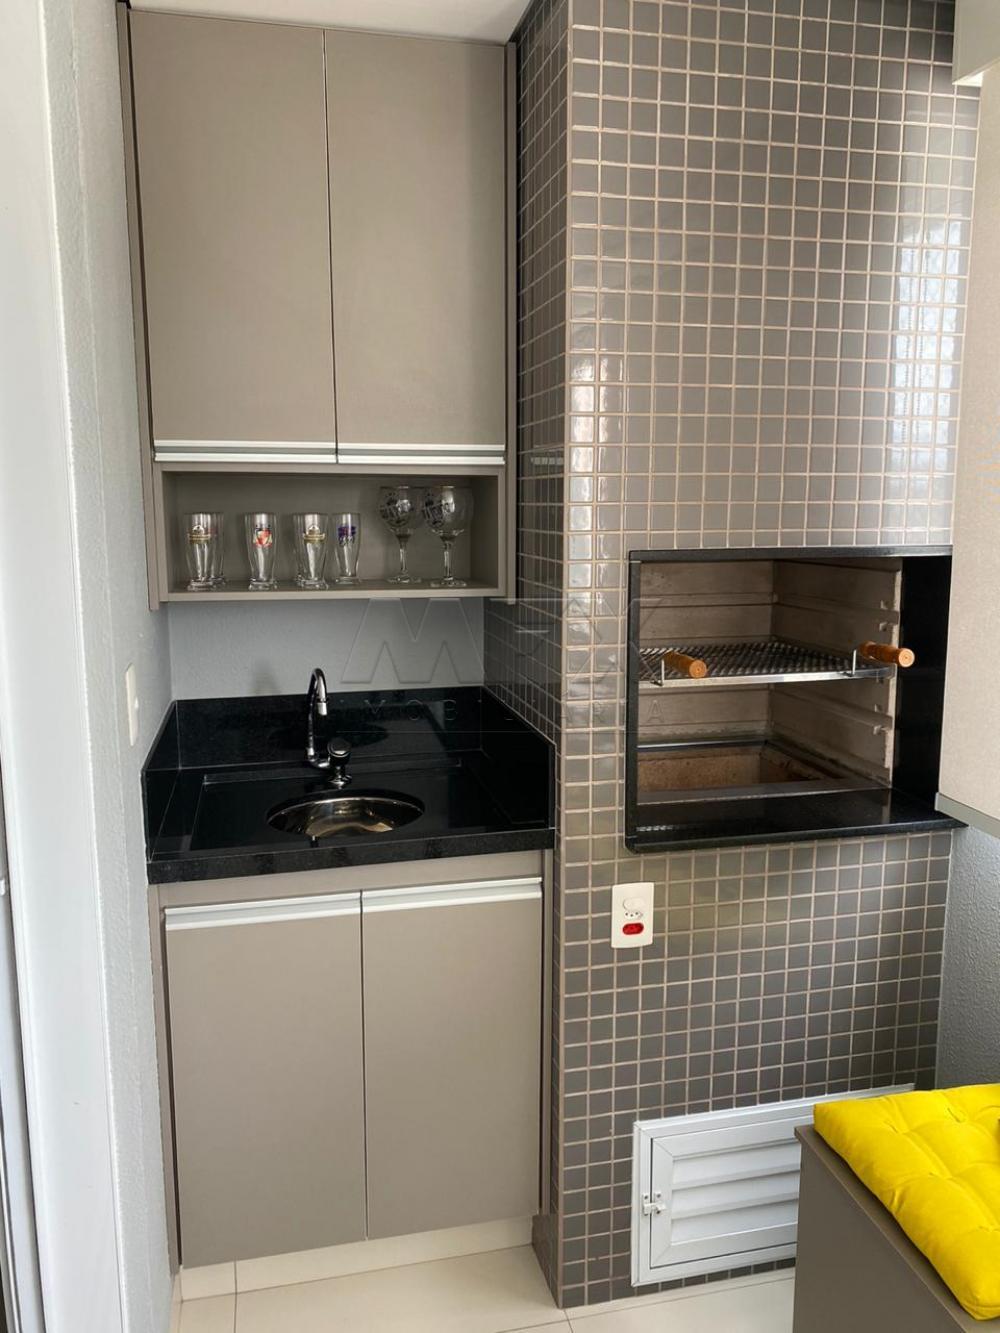 Comprar Apartamento / Padrão em Bauru R$ 580.000,00 - Foto 23